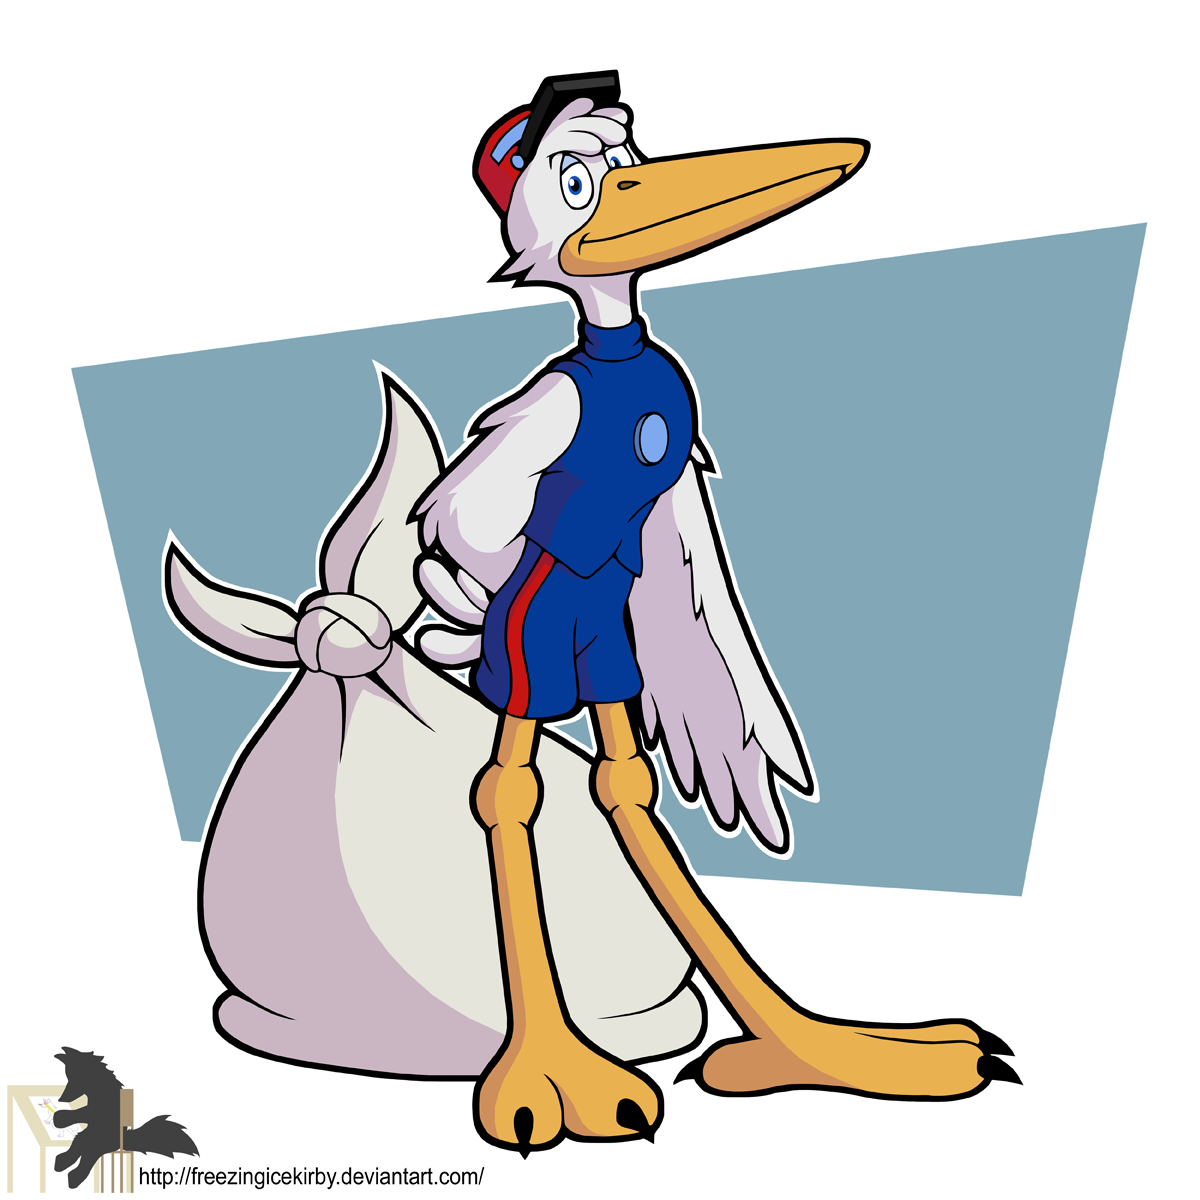 Mr Stork